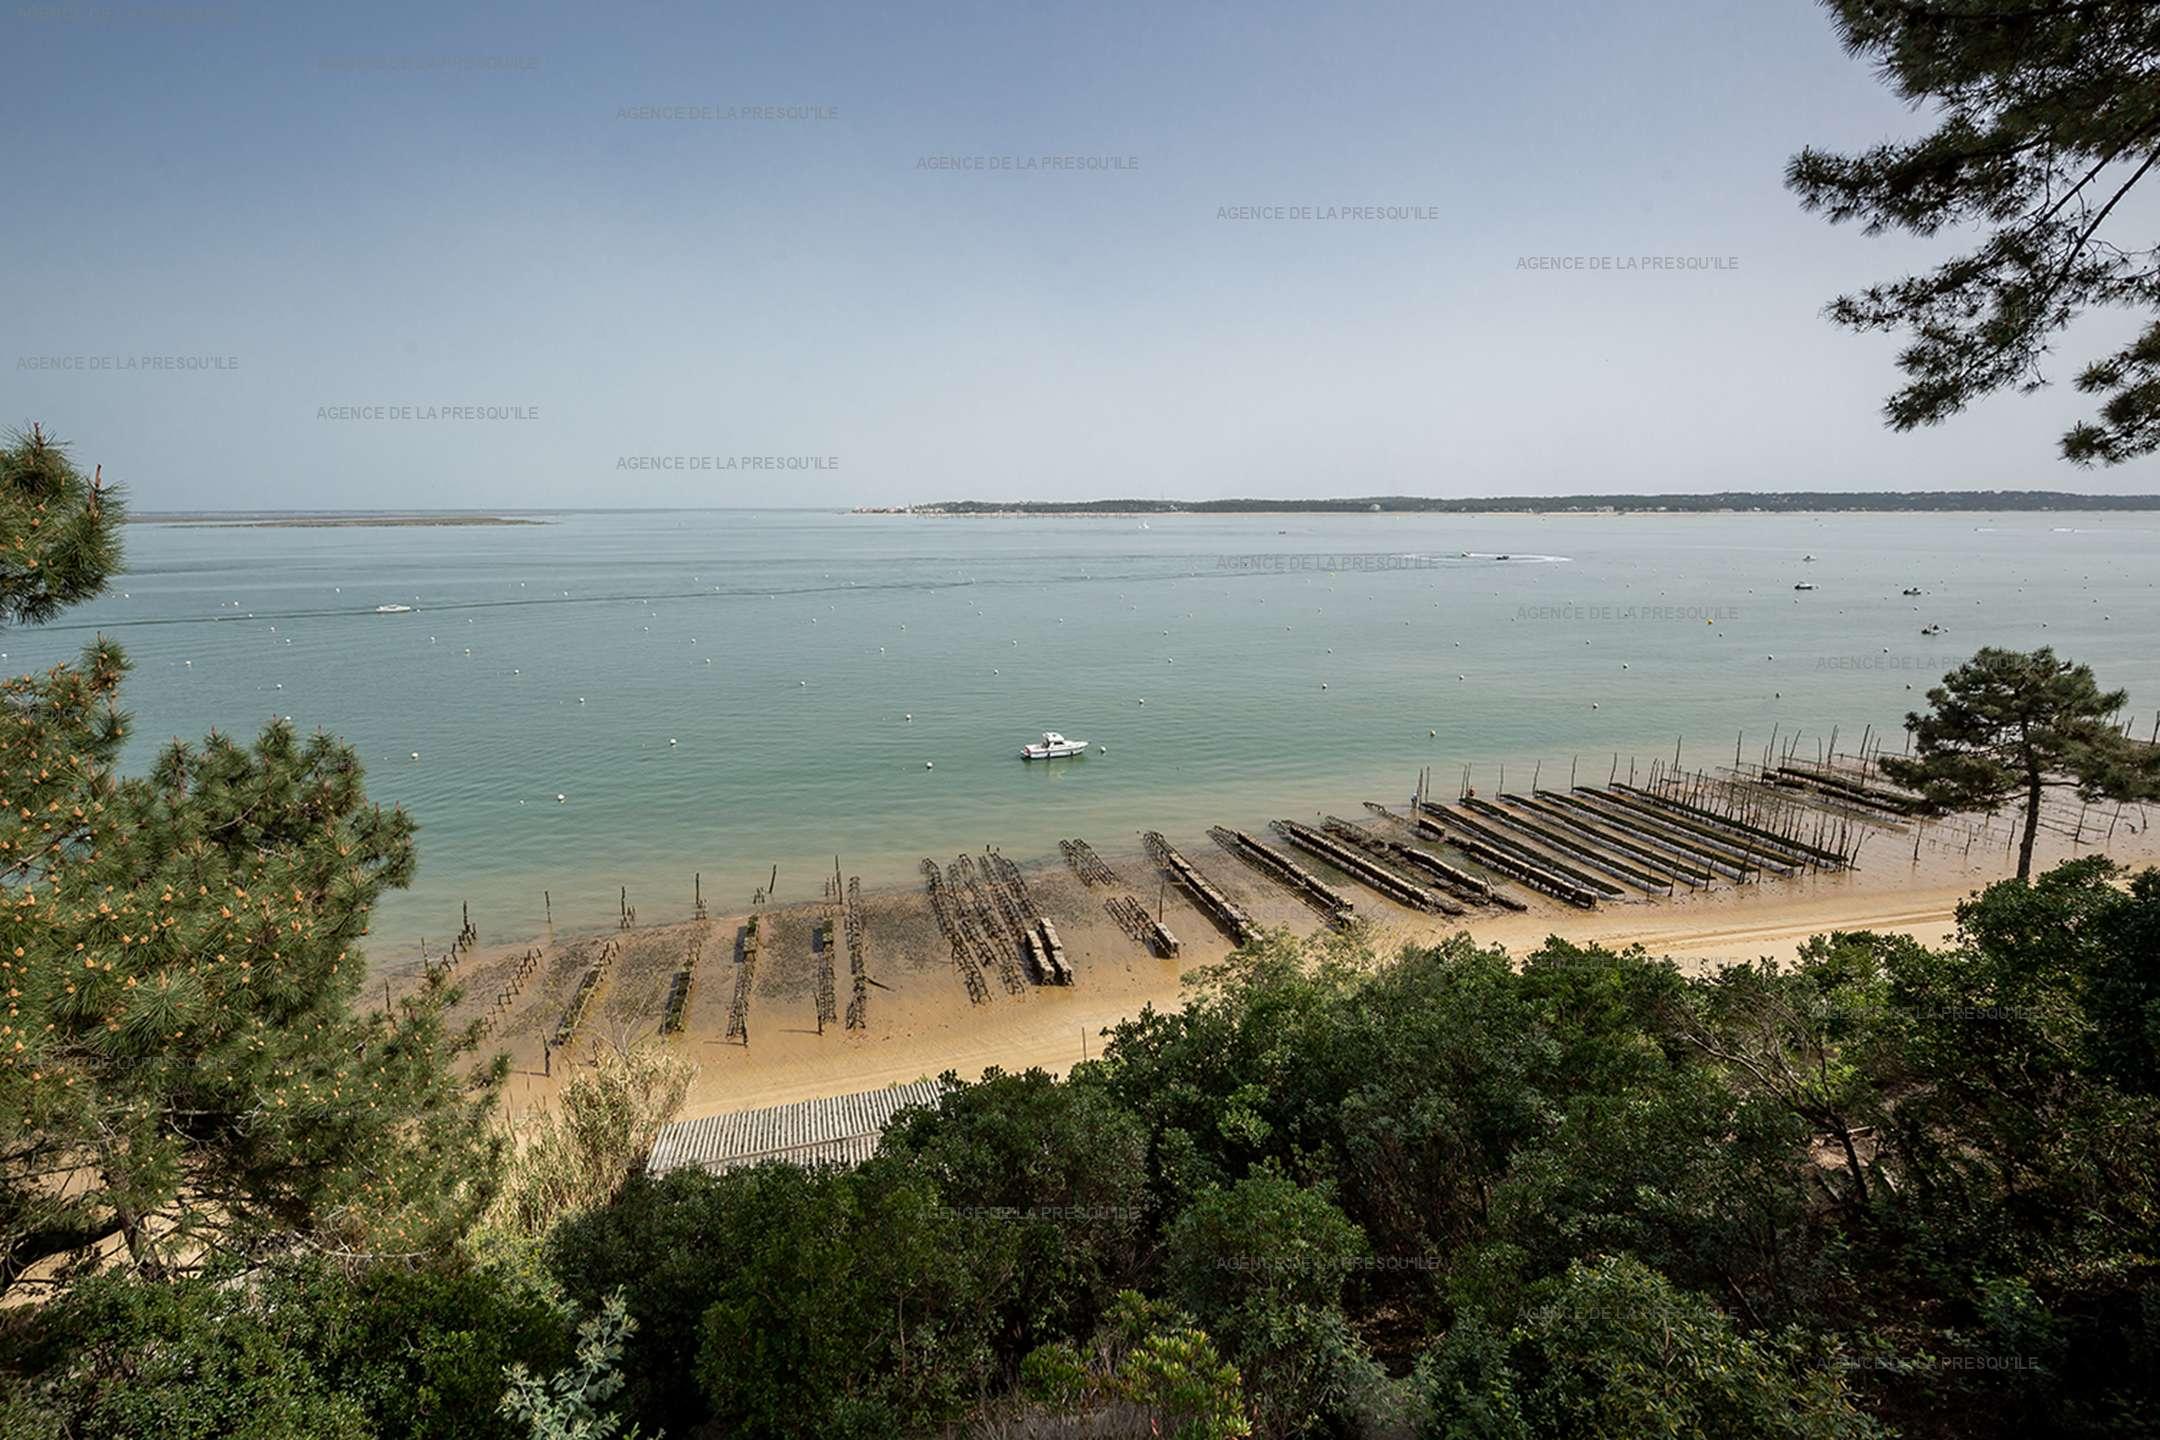 Location: Vue panoramique sur le bassin. 2